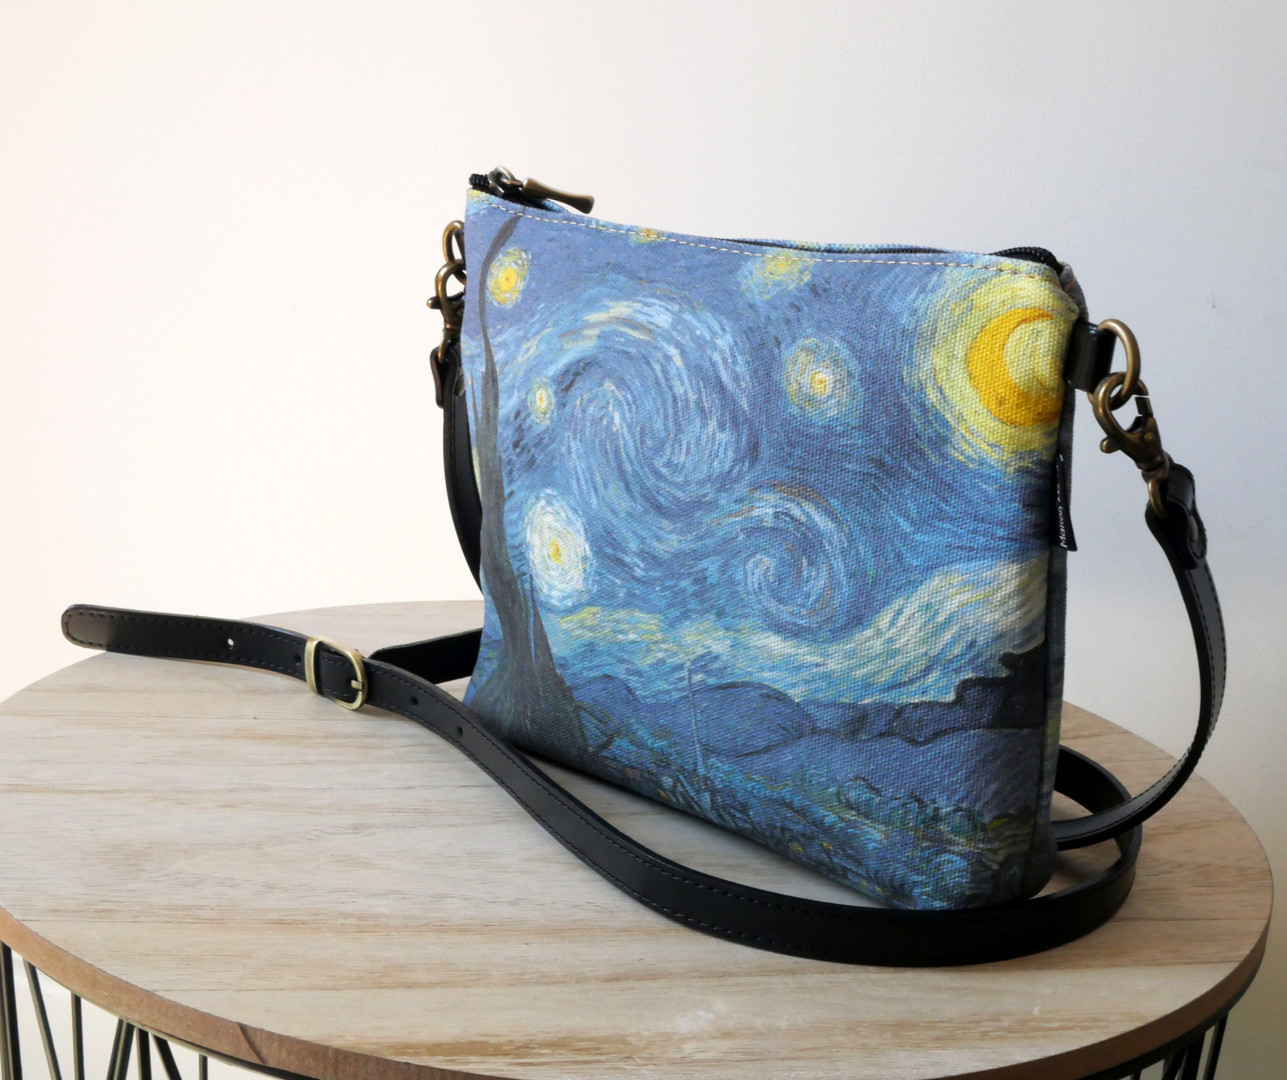 Maison Martin par Royal Tapisserie sac bandoulière Nuit Etoilée de Van Gogh (référence 8972V6)